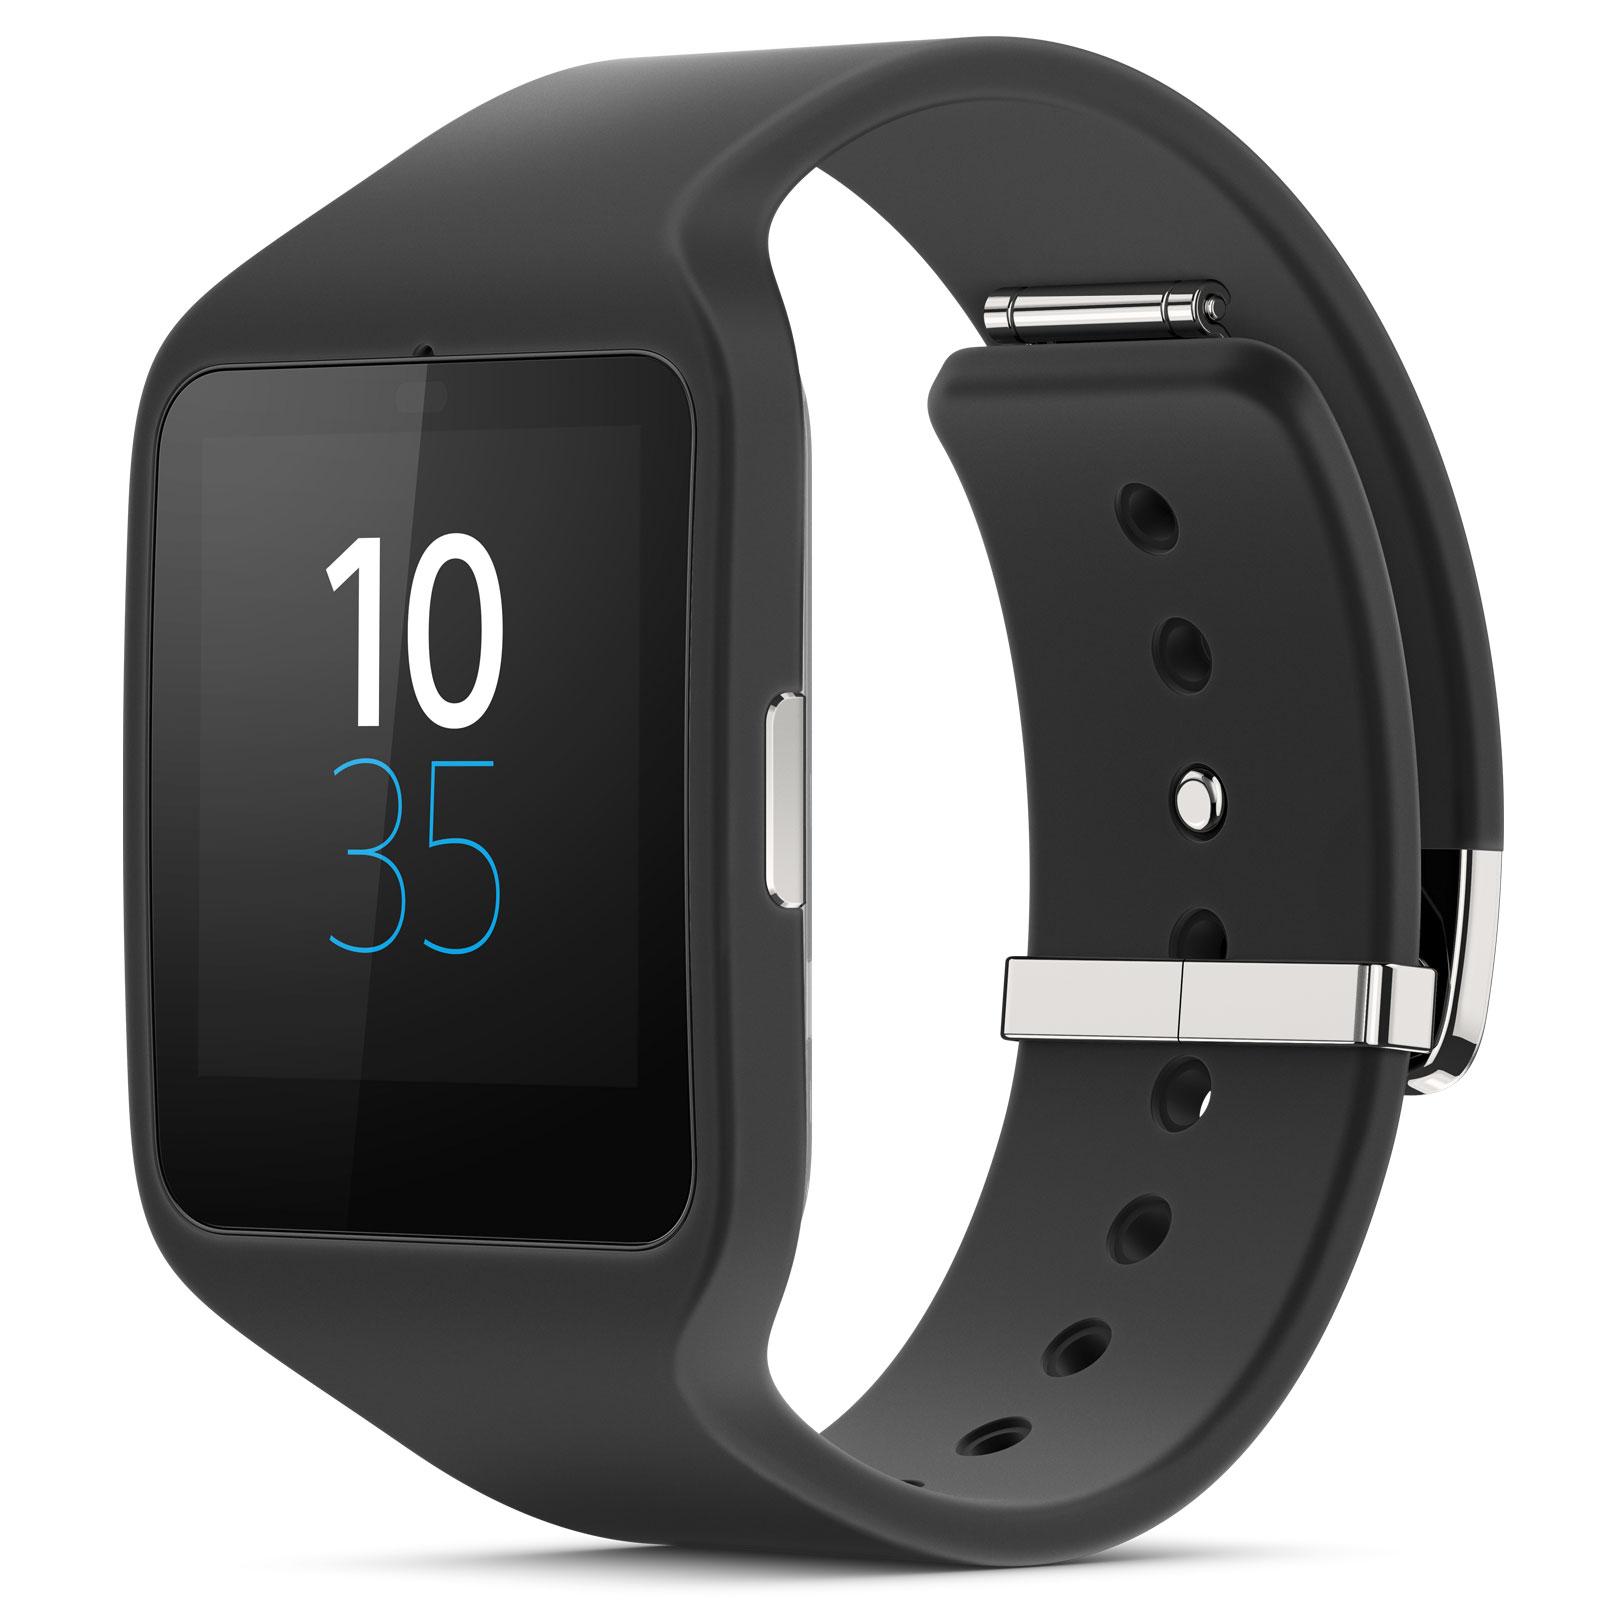 Montre & Bracelets connectés Sony SmartWatch 3 Silicone Noire Montre Android Bluetooth/NFC certifiée IP68 avec écran LCD tactile et bracelet en silicone